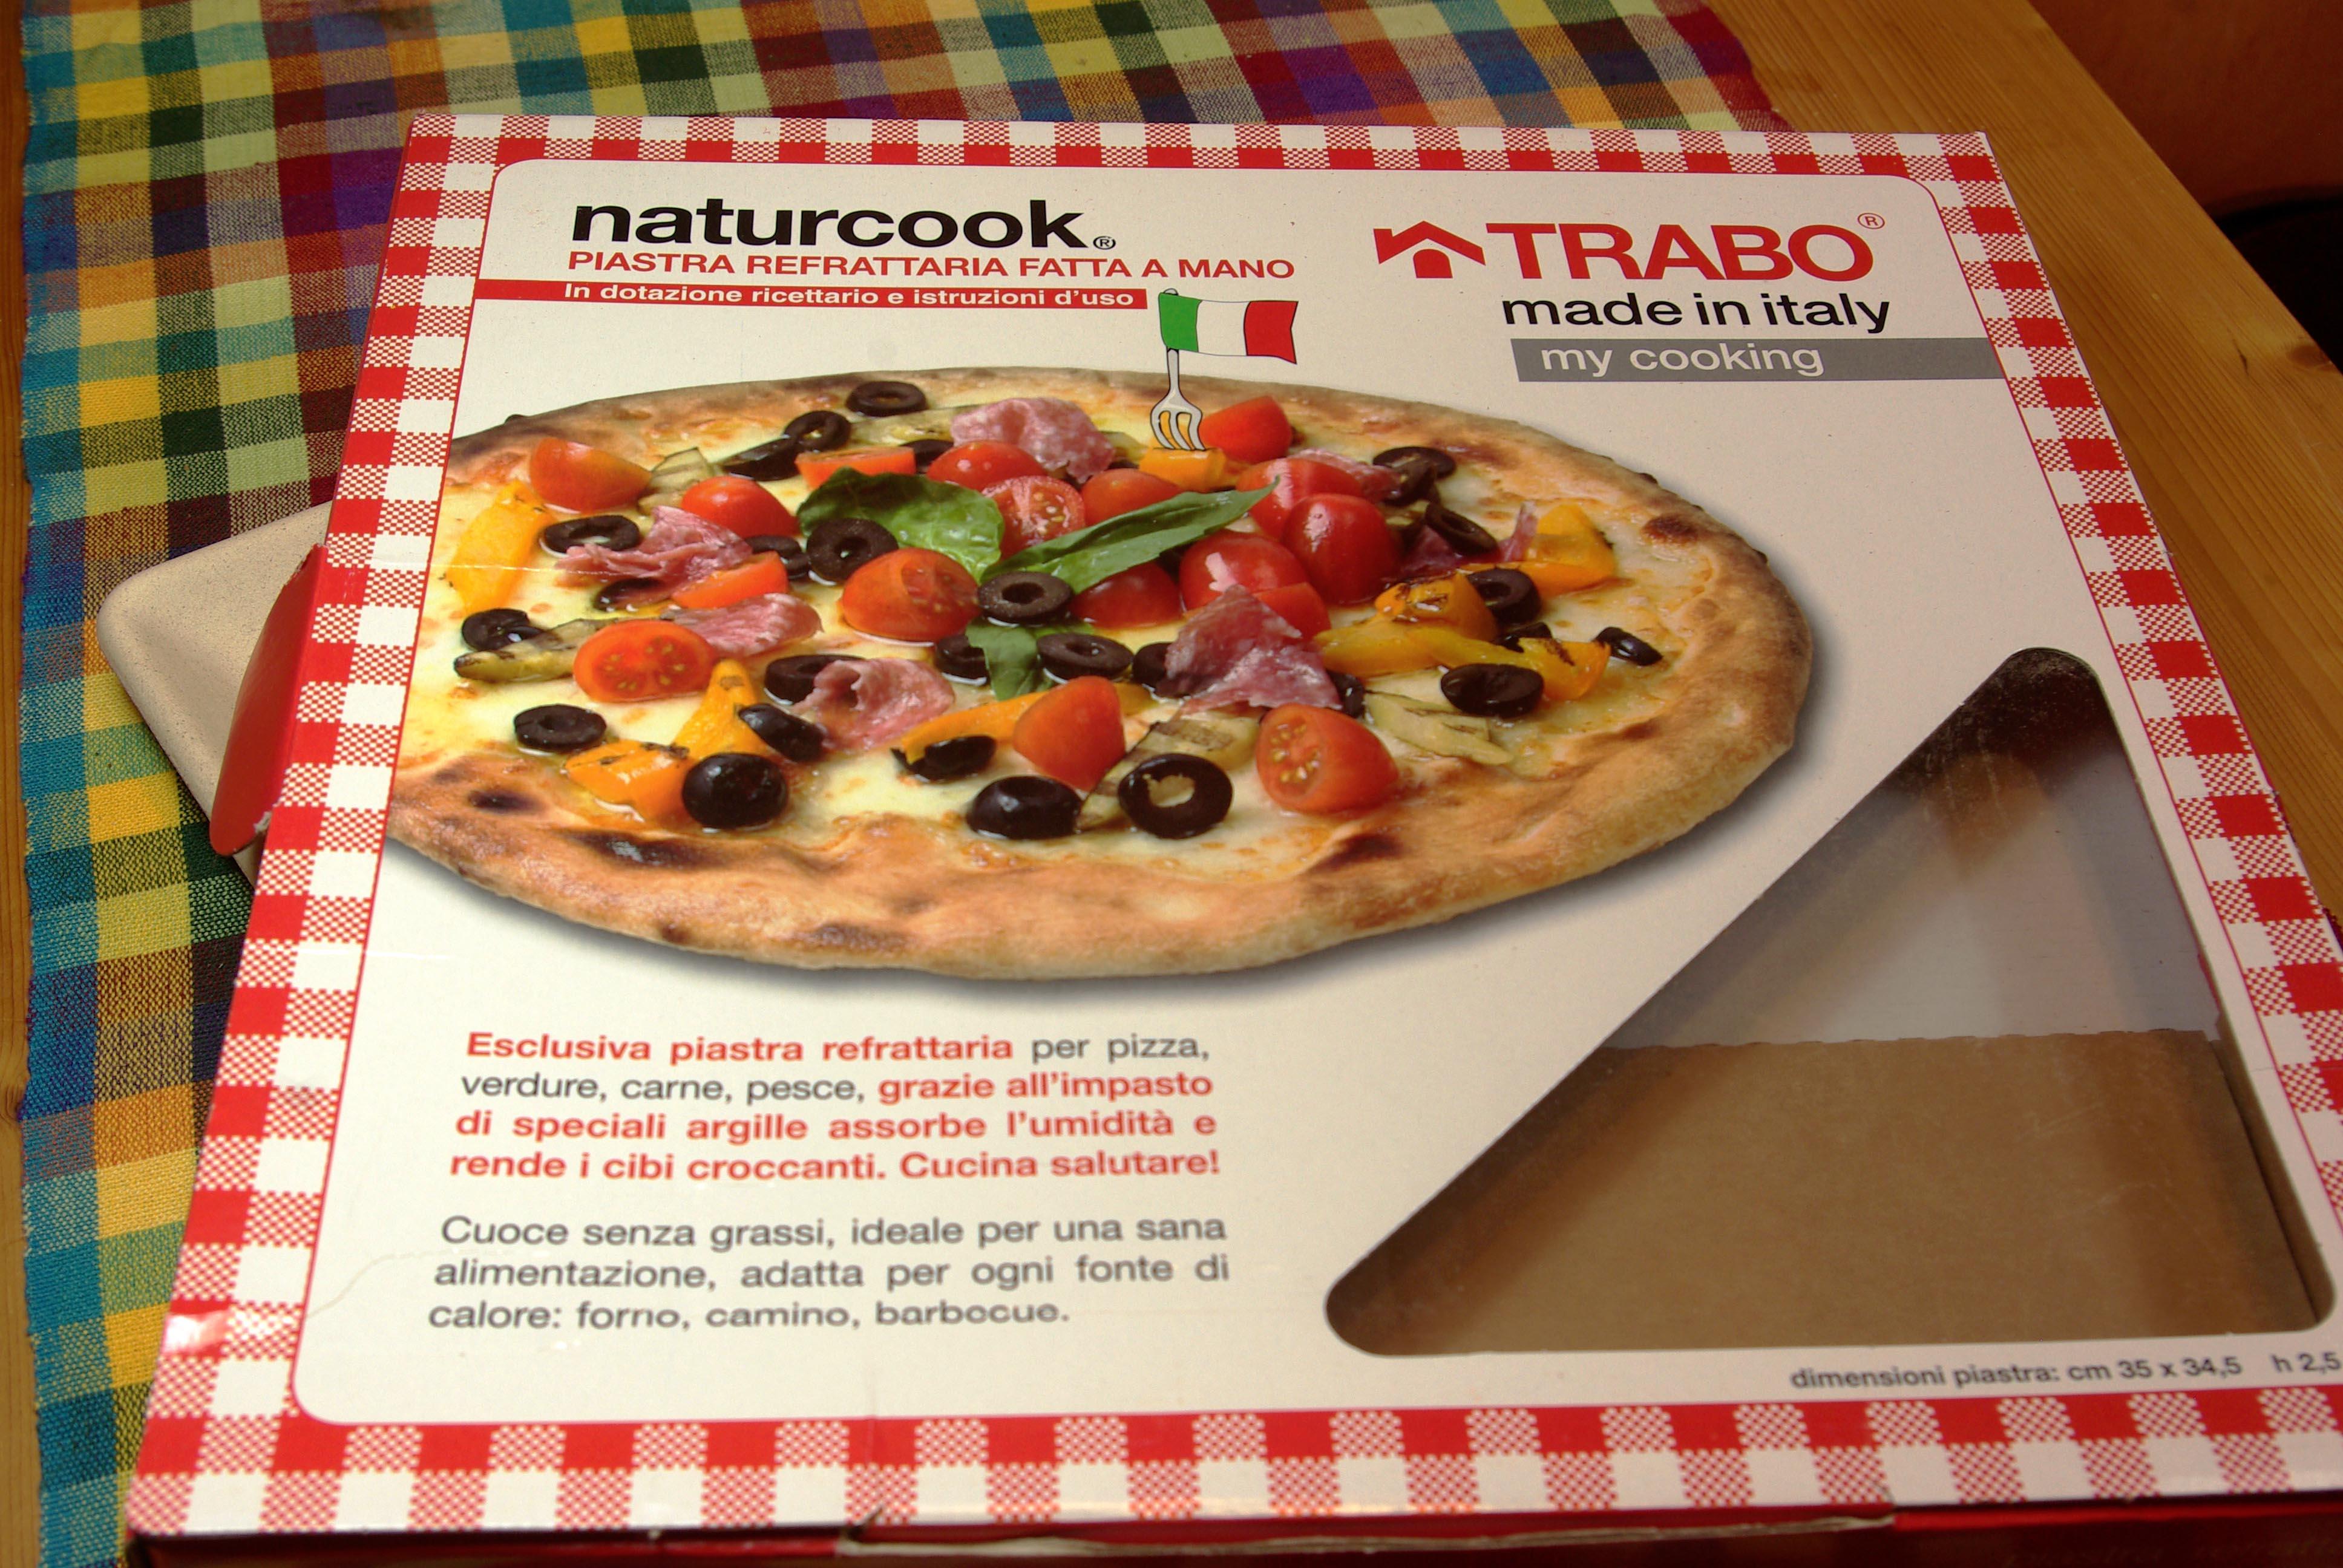 Im Test: Pizzastein, Pizzaplatte, Backplatte - Naturcook von Trabo